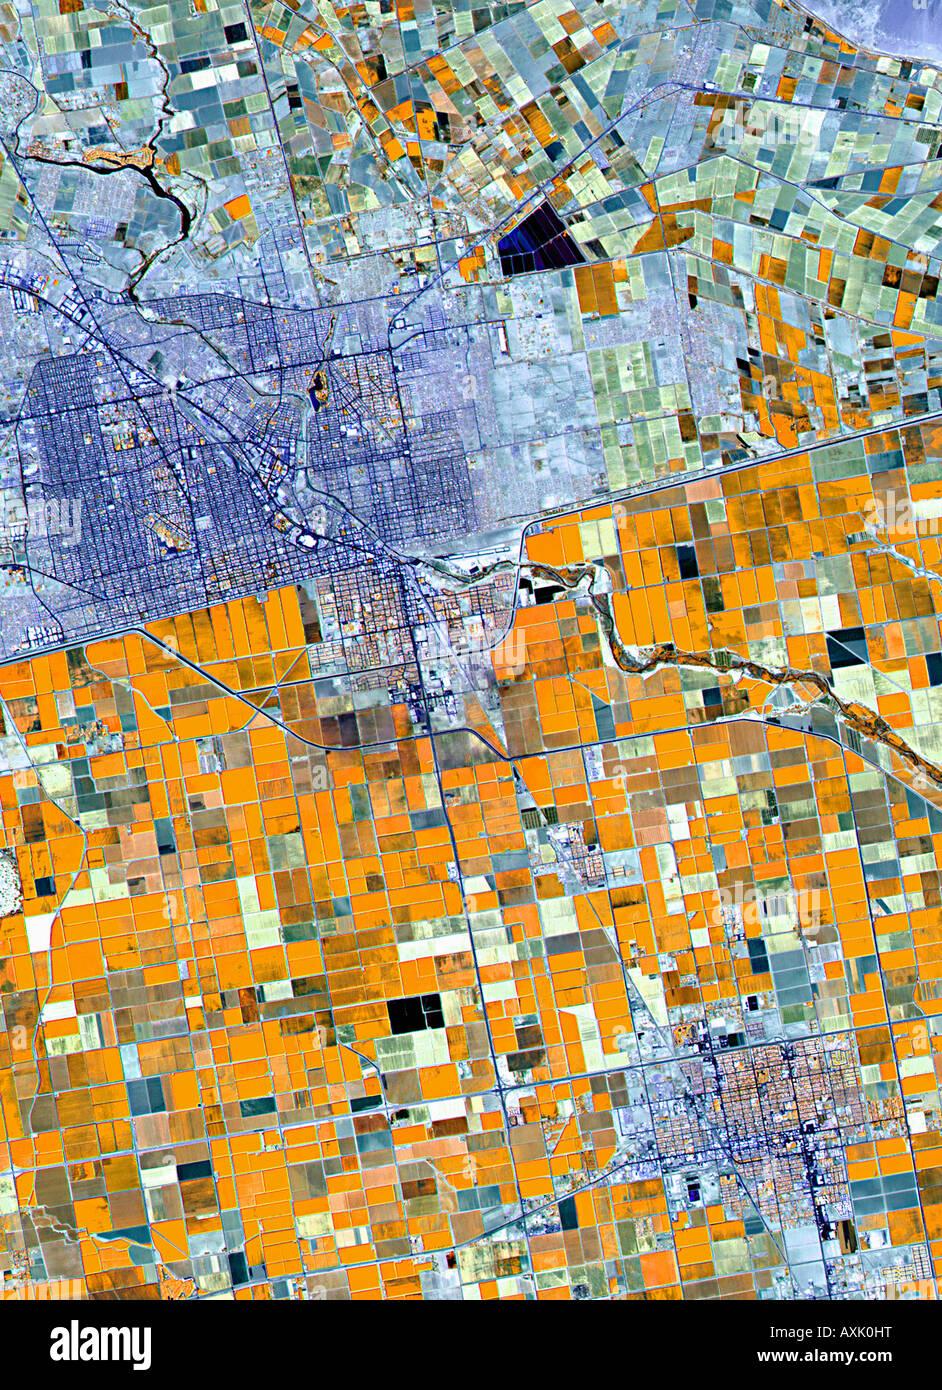 Imagen de satélite de las tierras de cultivo de Alemania Imagen De Stock